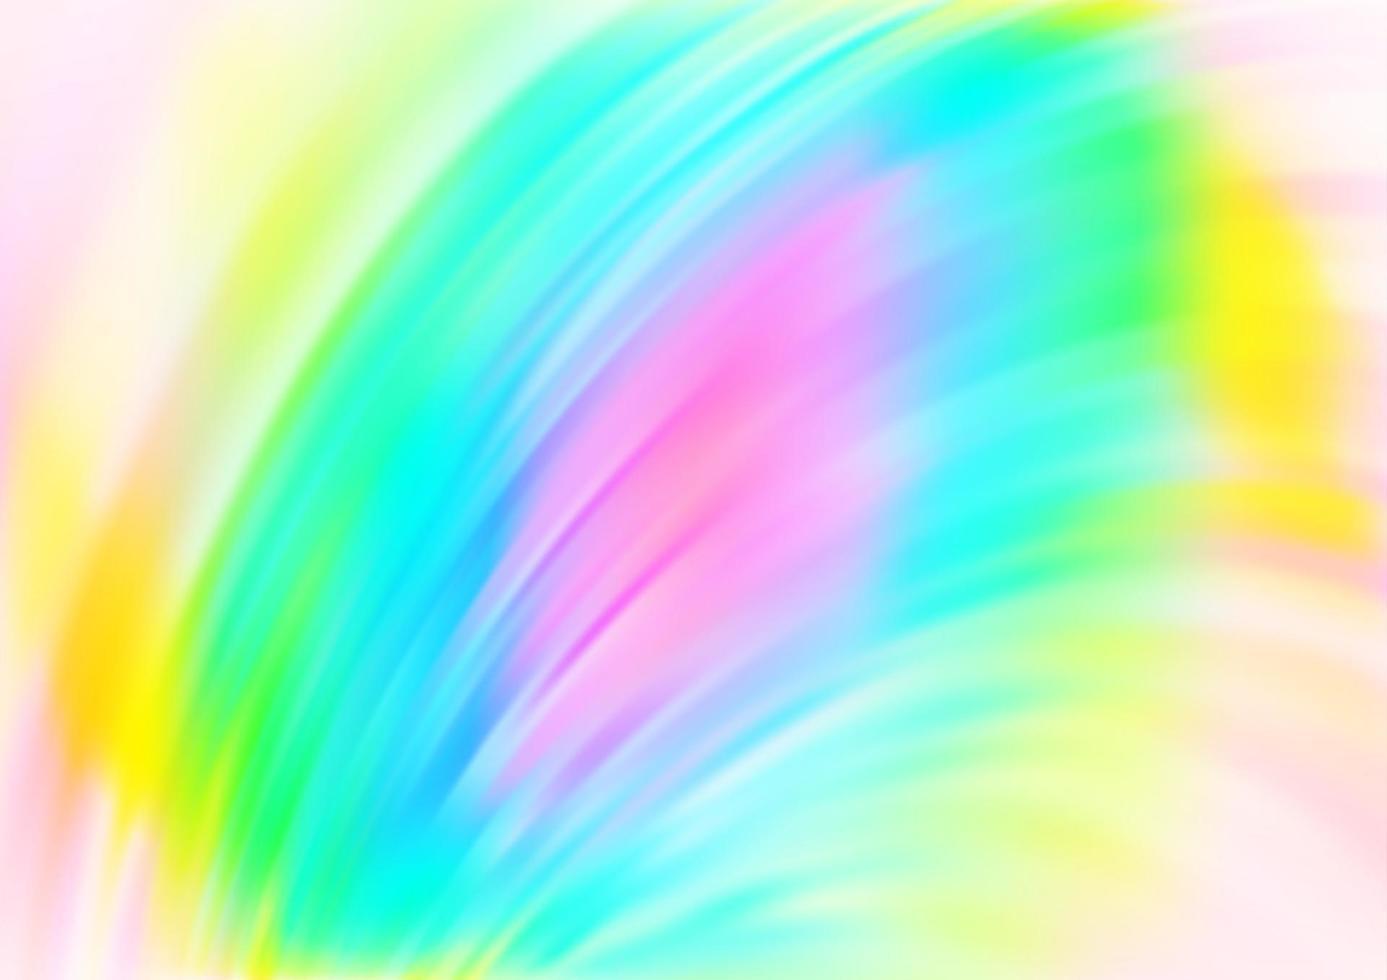 luz multicolor, padrão de vetor de arco-íris com formas de lava.